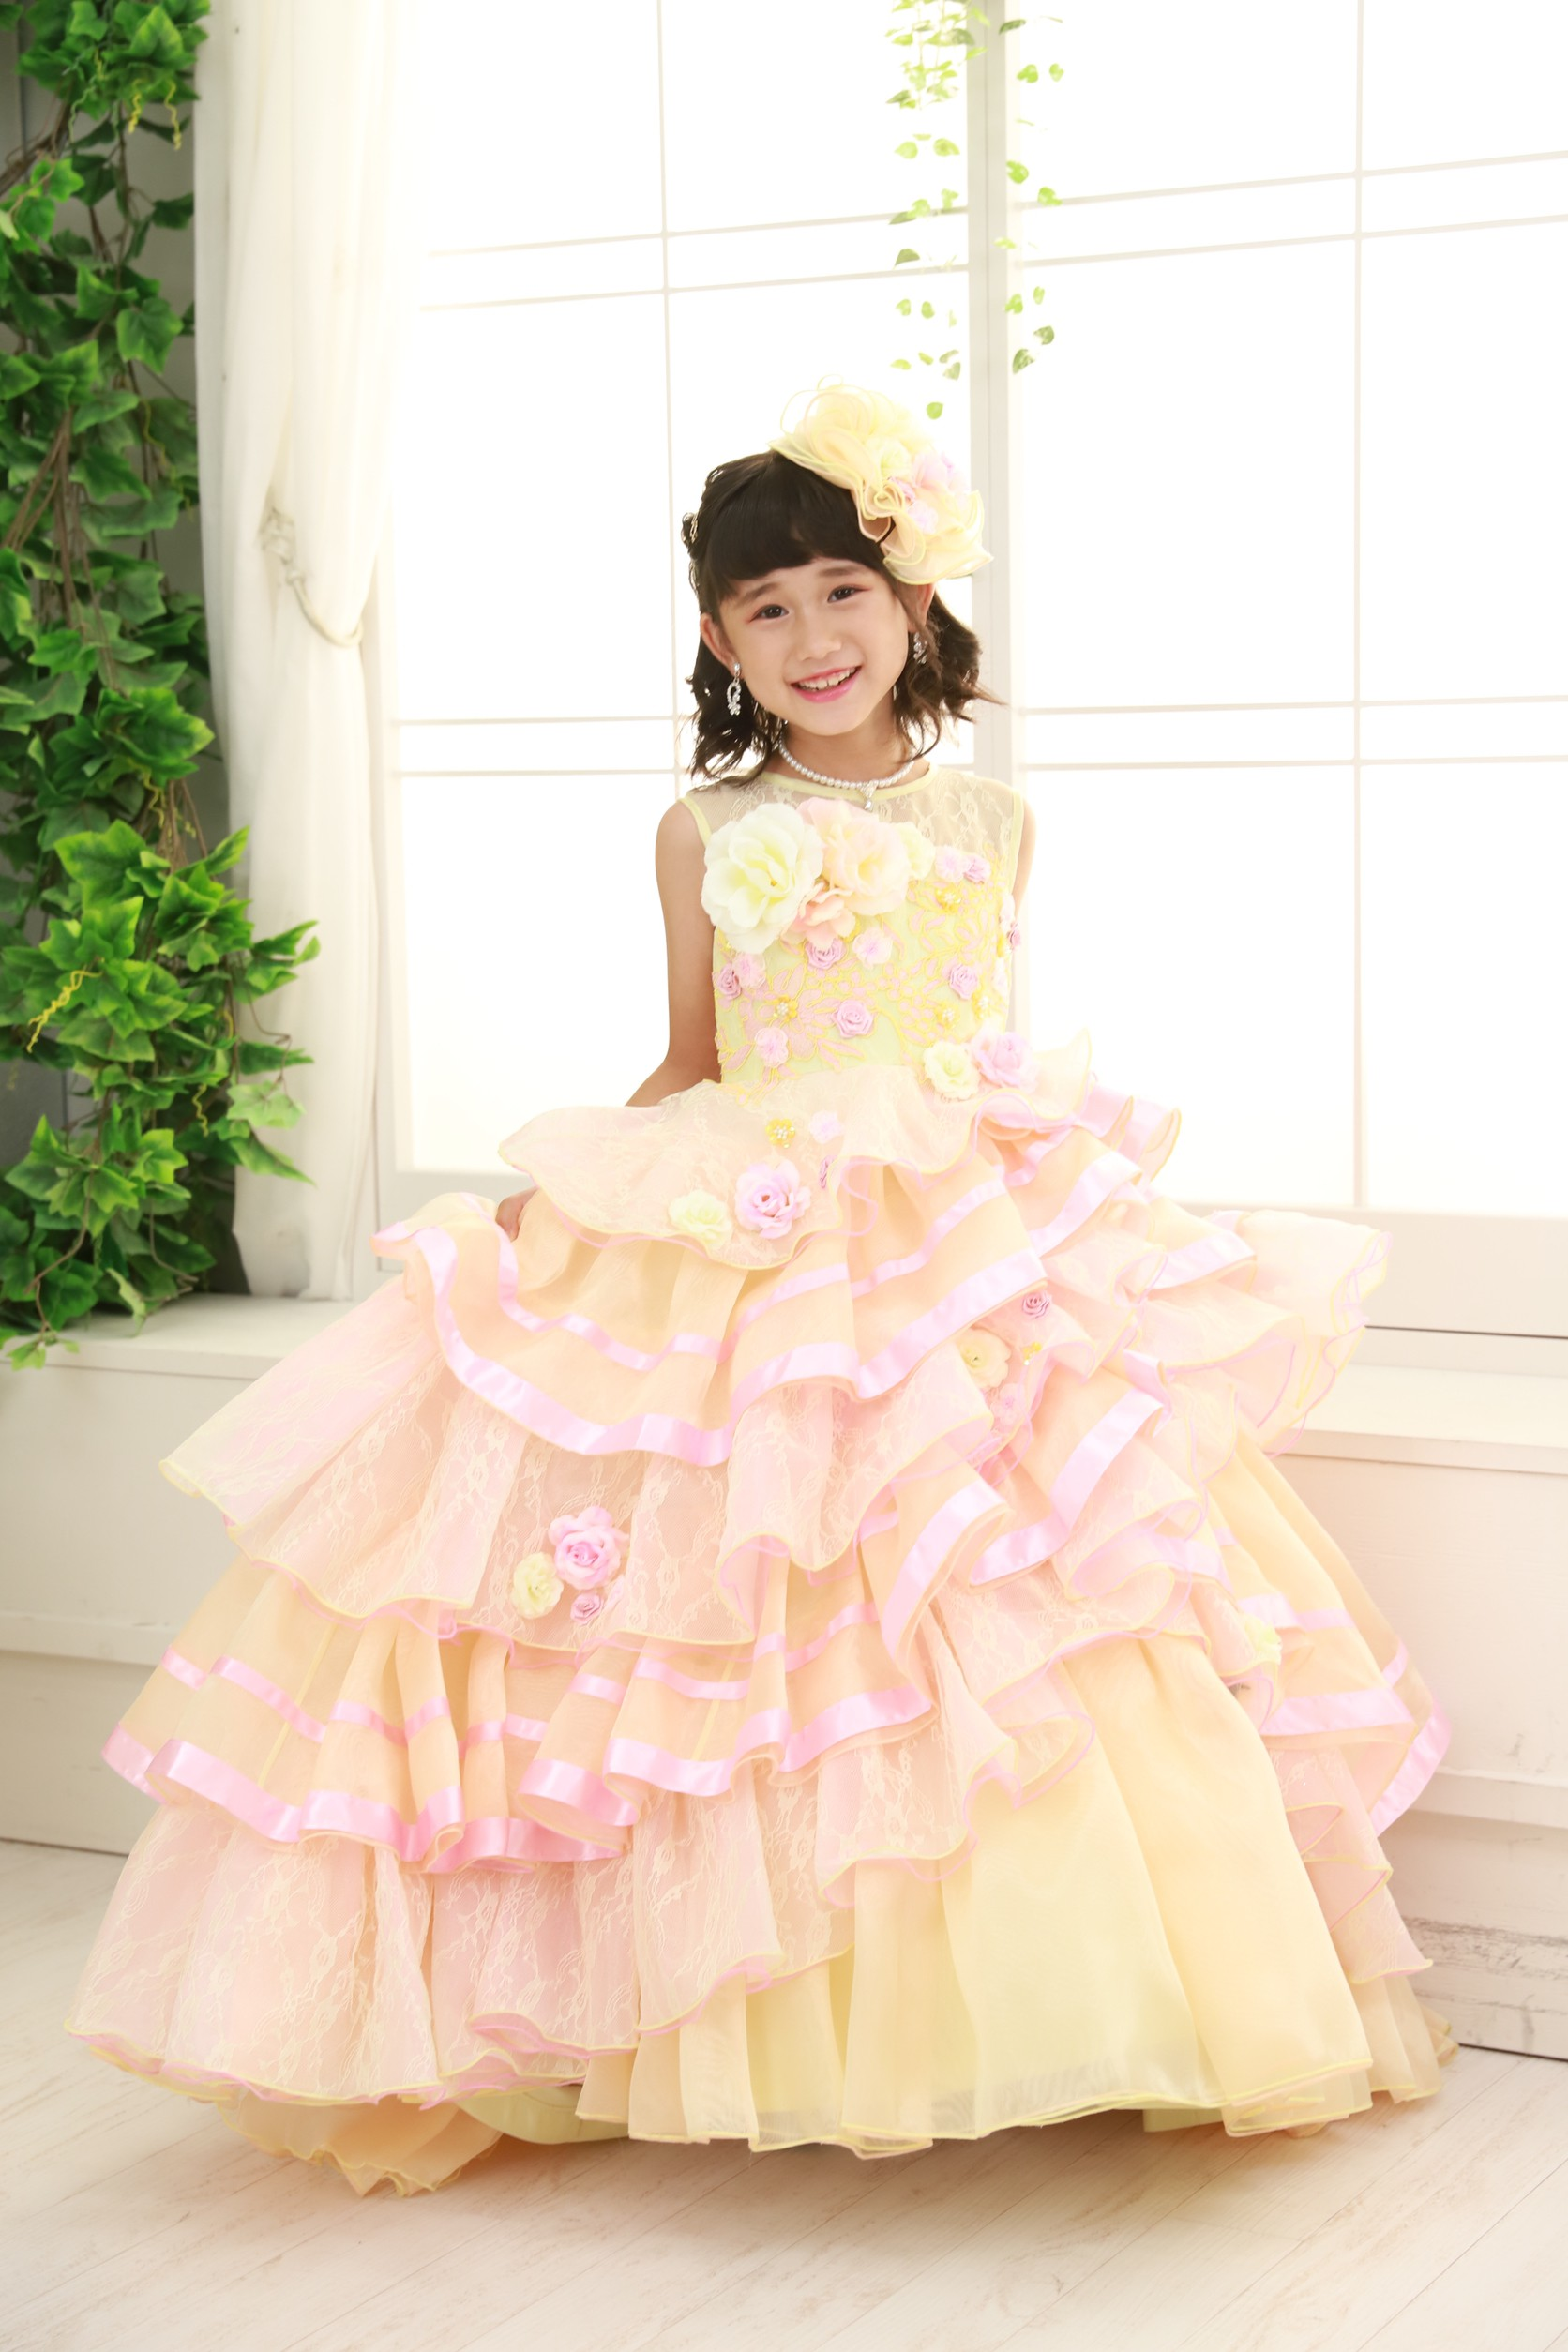 7歳の七五三(ドレス・黄色)